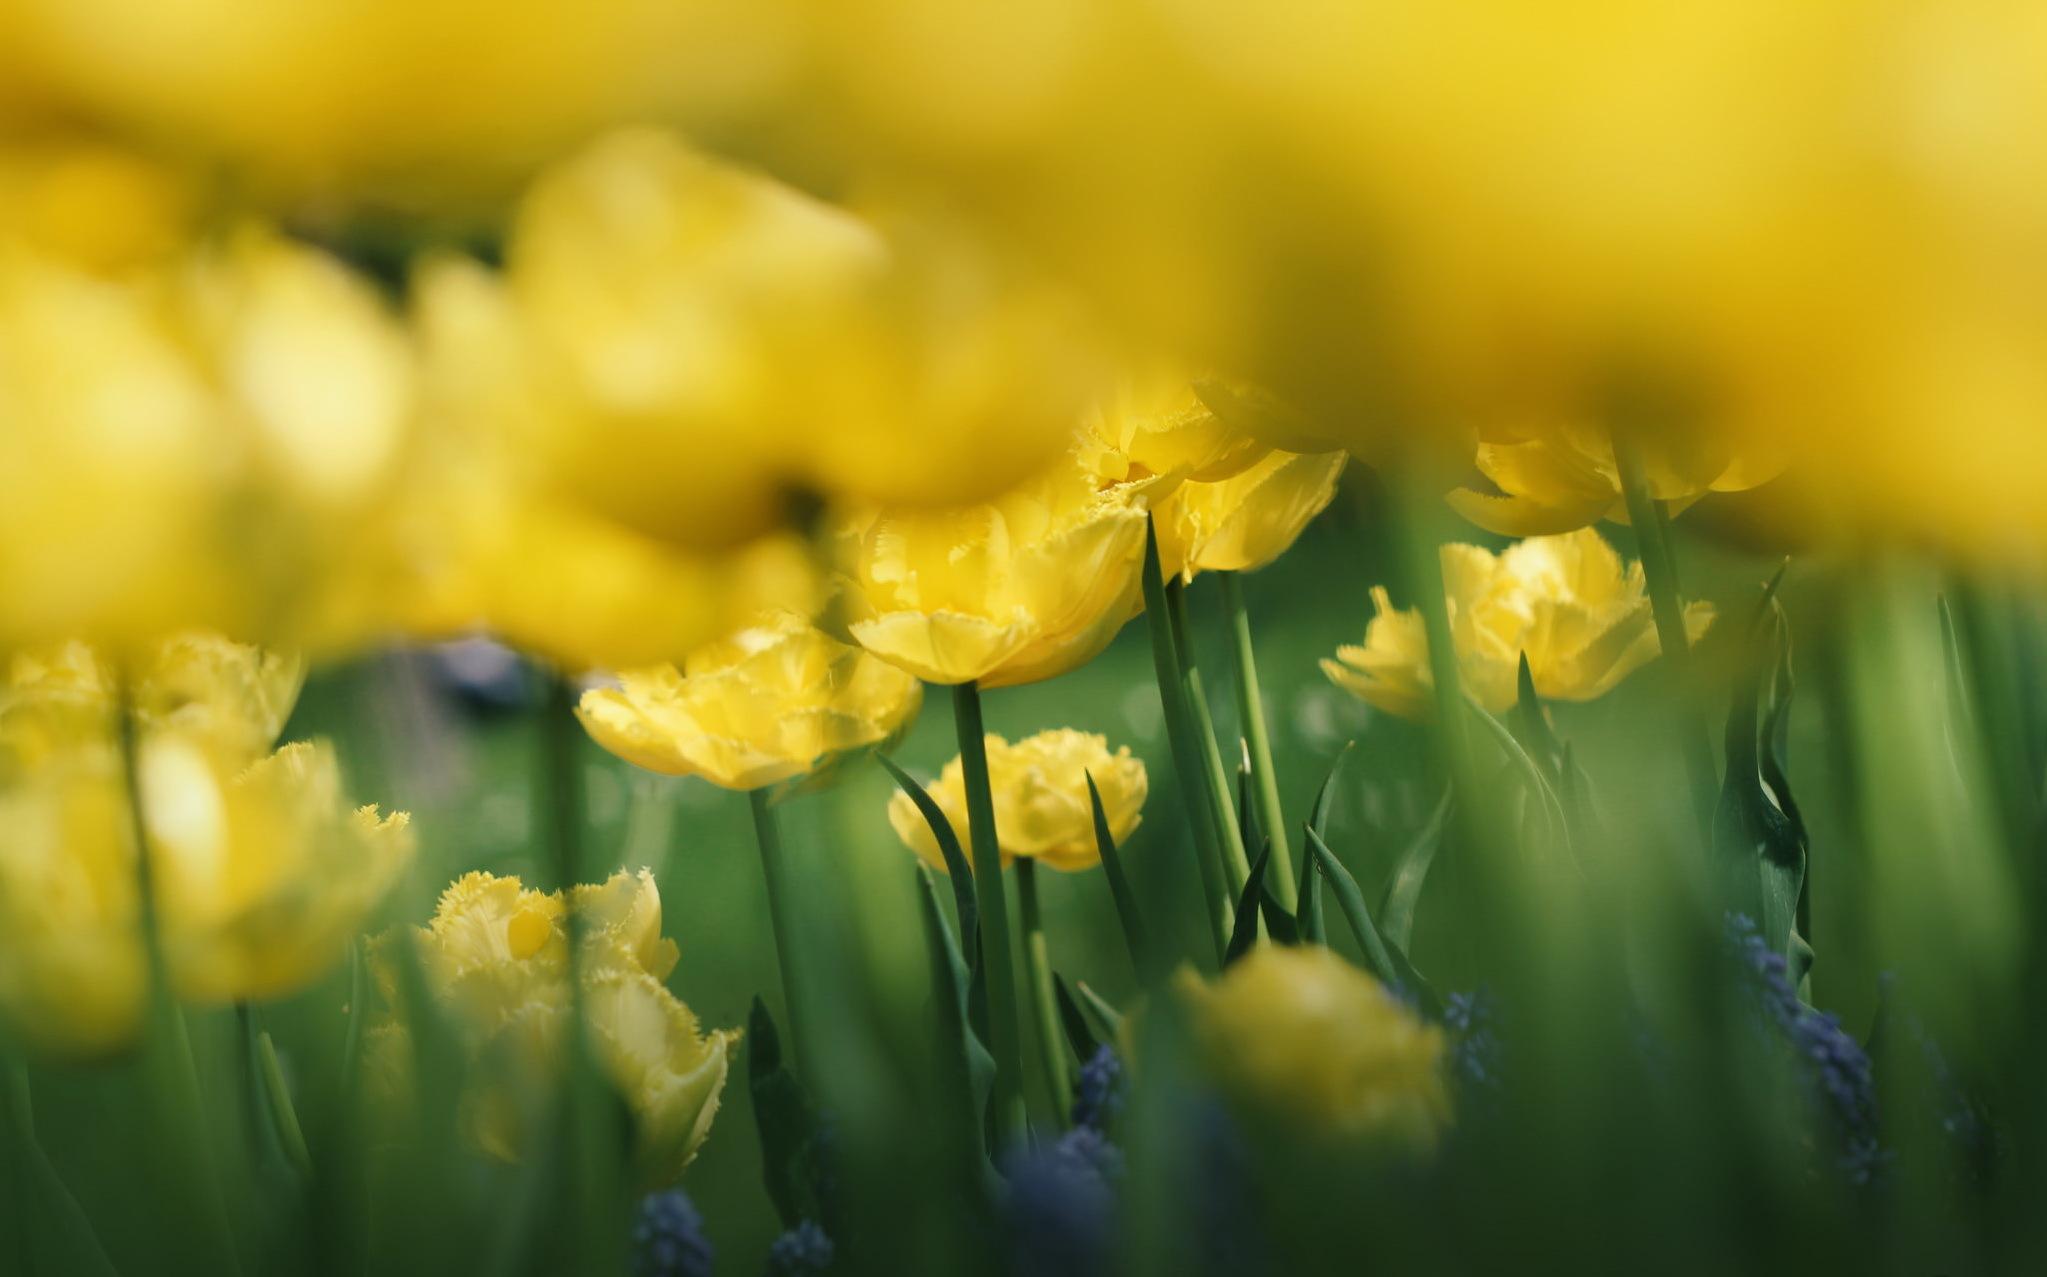 природа цветы тюльпаны желтые nature flowers tulips yellow без смс